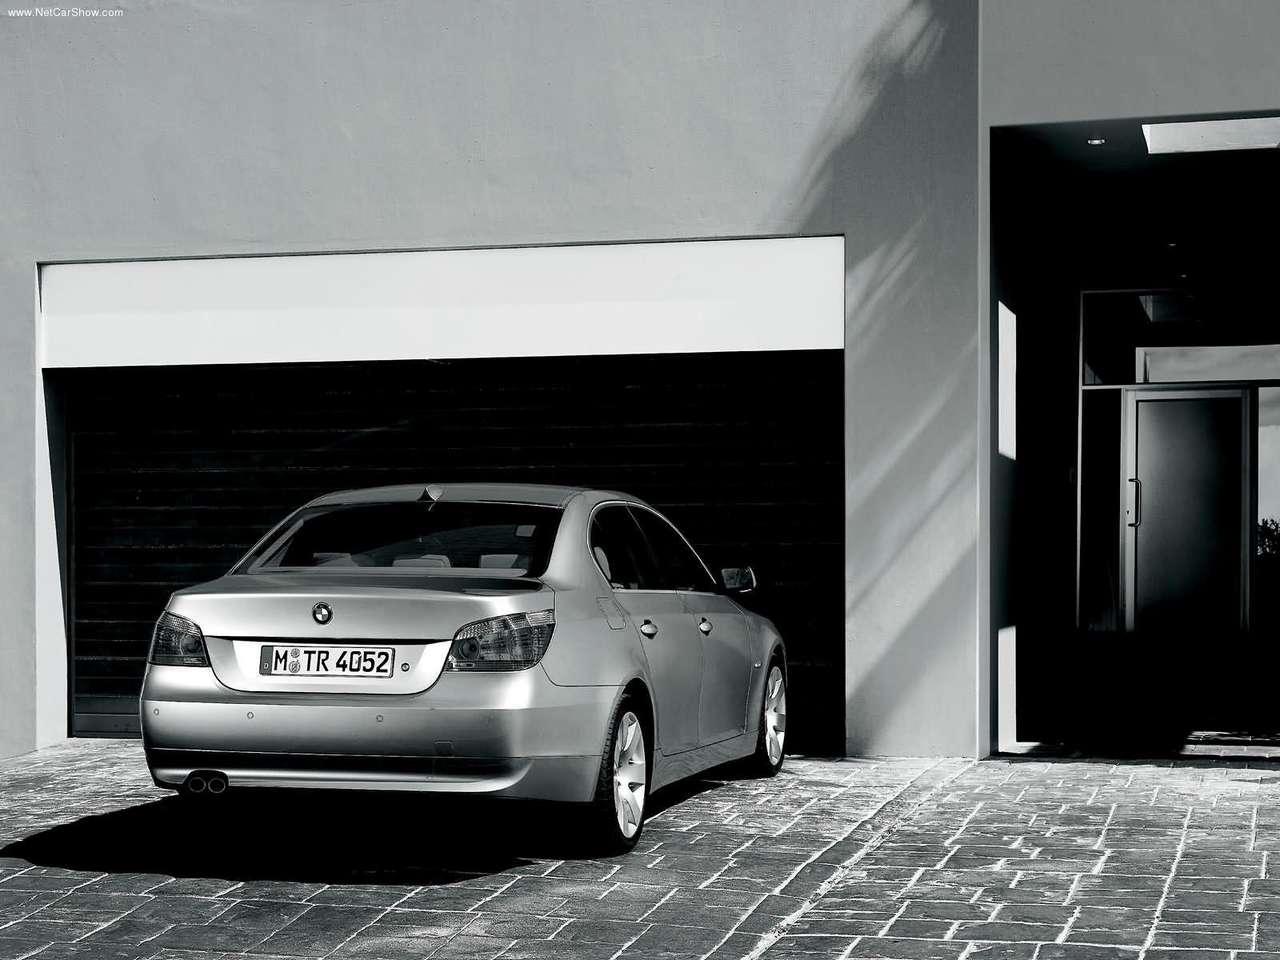 BMW - Auto twenty-first century: 2004 BMW 5 Series